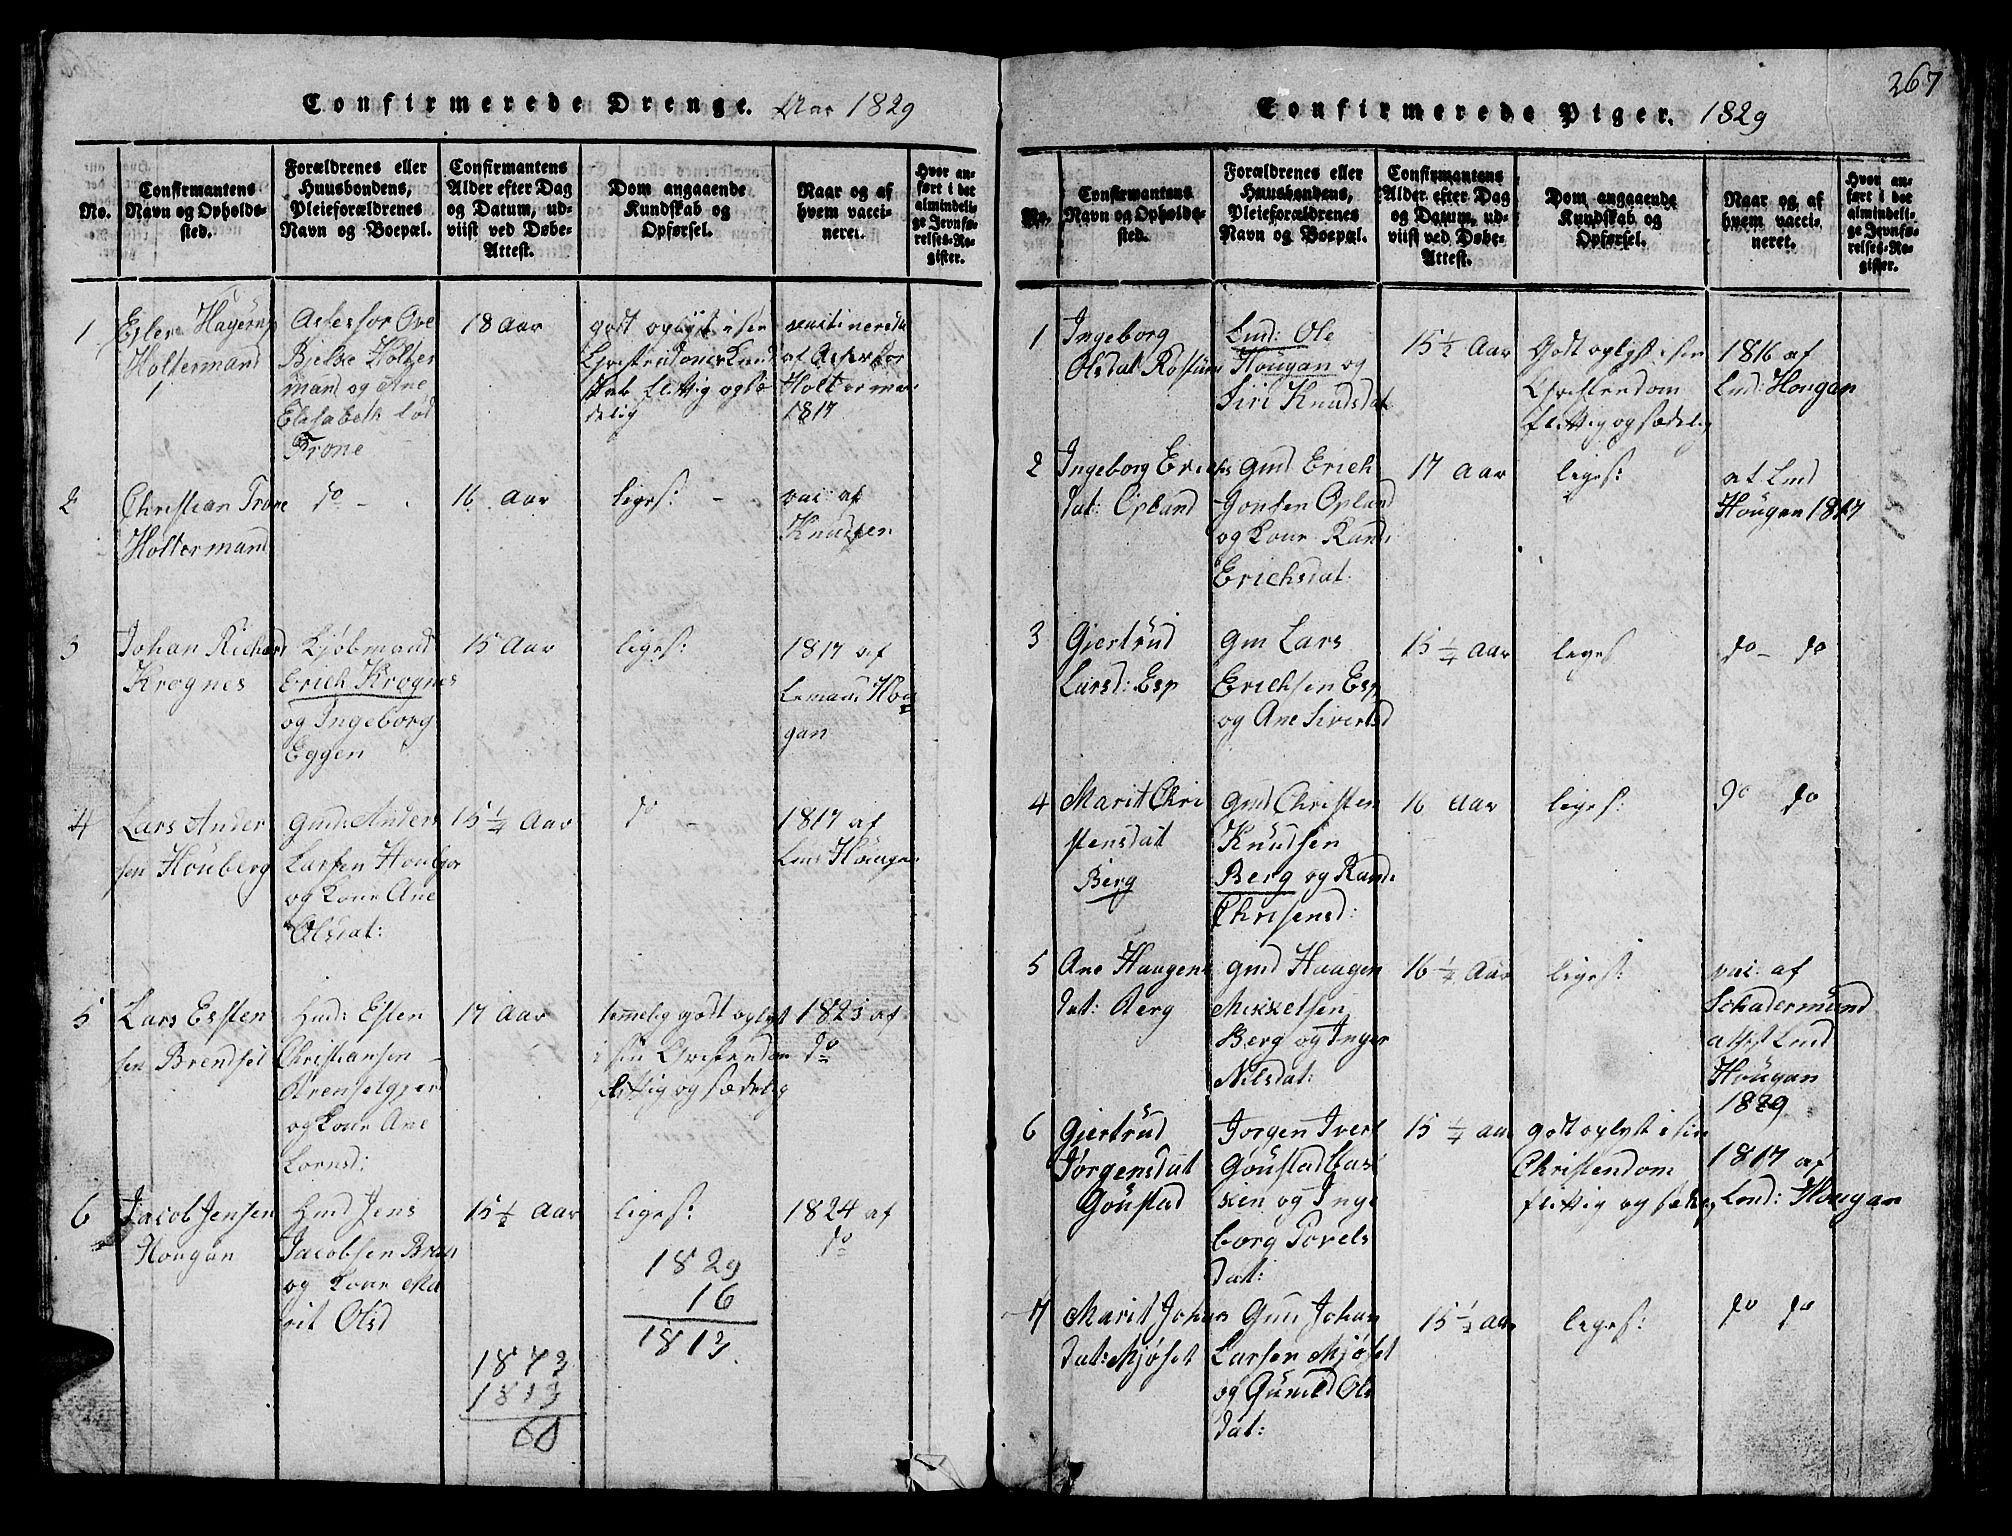 SAT, Ministerialprotokoller, klokkerbøker og fødselsregistre - Sør-Trøndelag, 612/L0385: Klokkerbok nr. 612C01, 1816-1845, s. 267